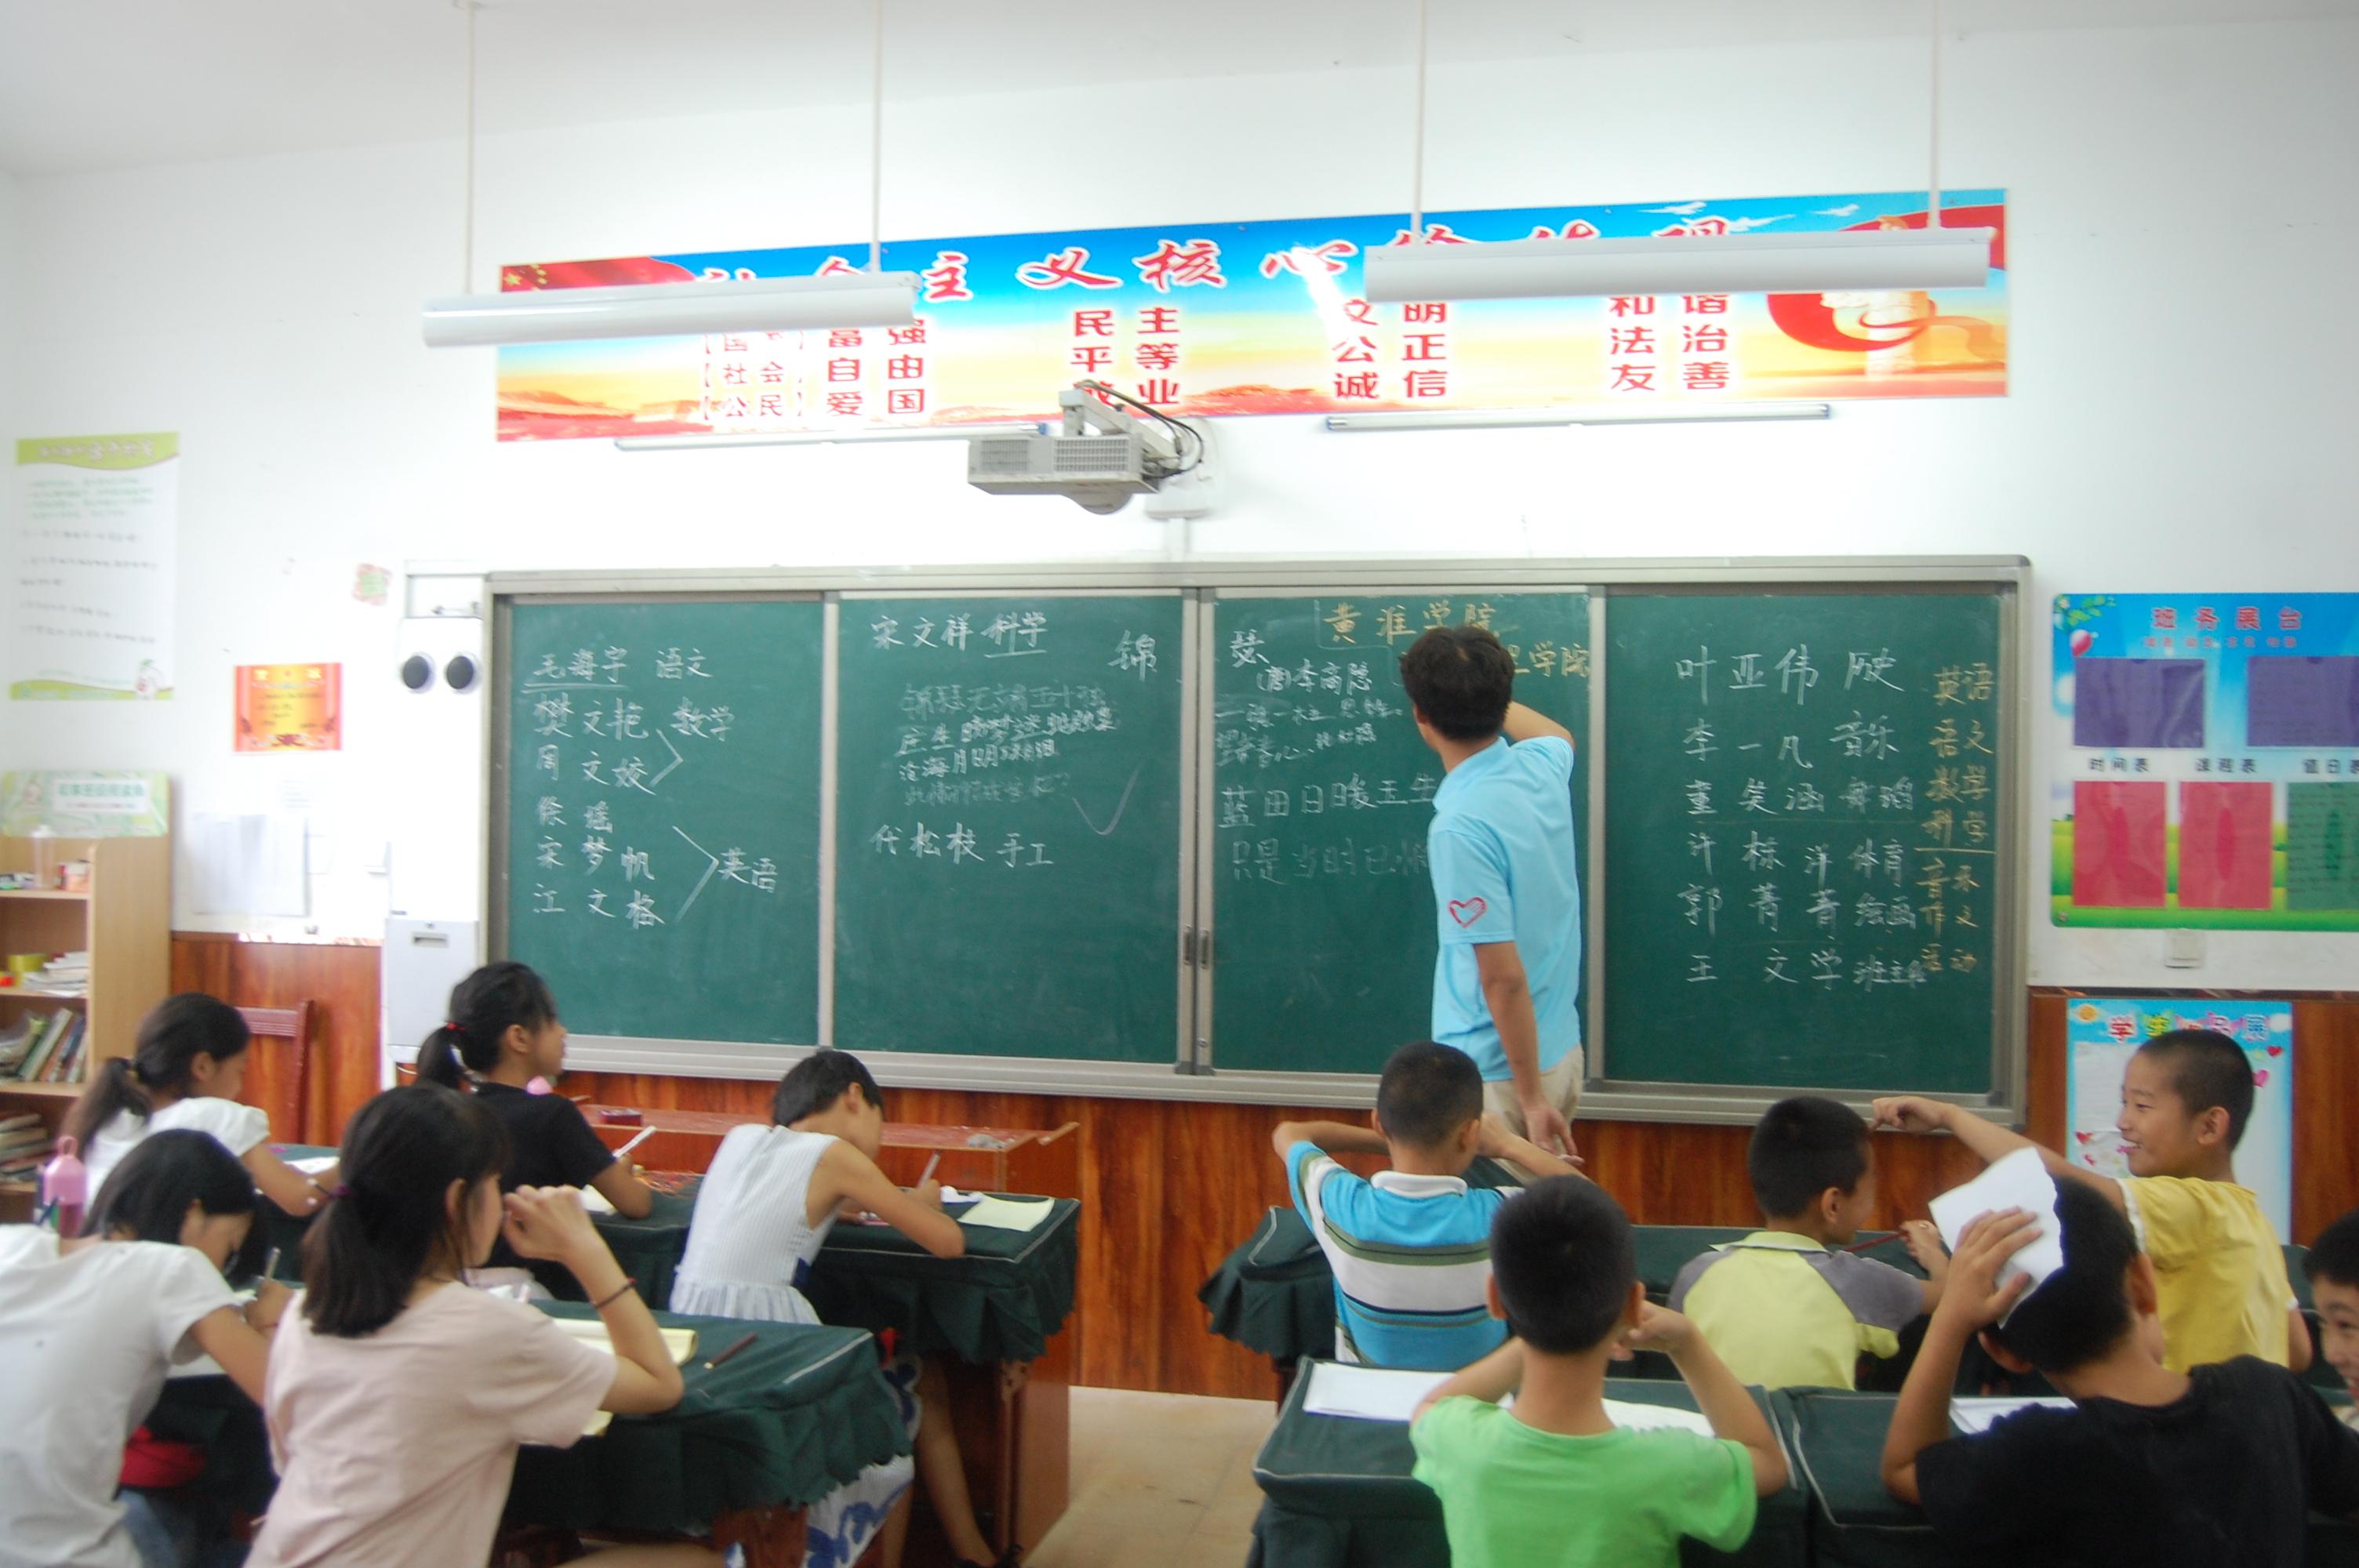 """黄淮学院建筑工程学院暑期""""三下乡""""社会实践活动之""""释放童心,寄信未来"""""""